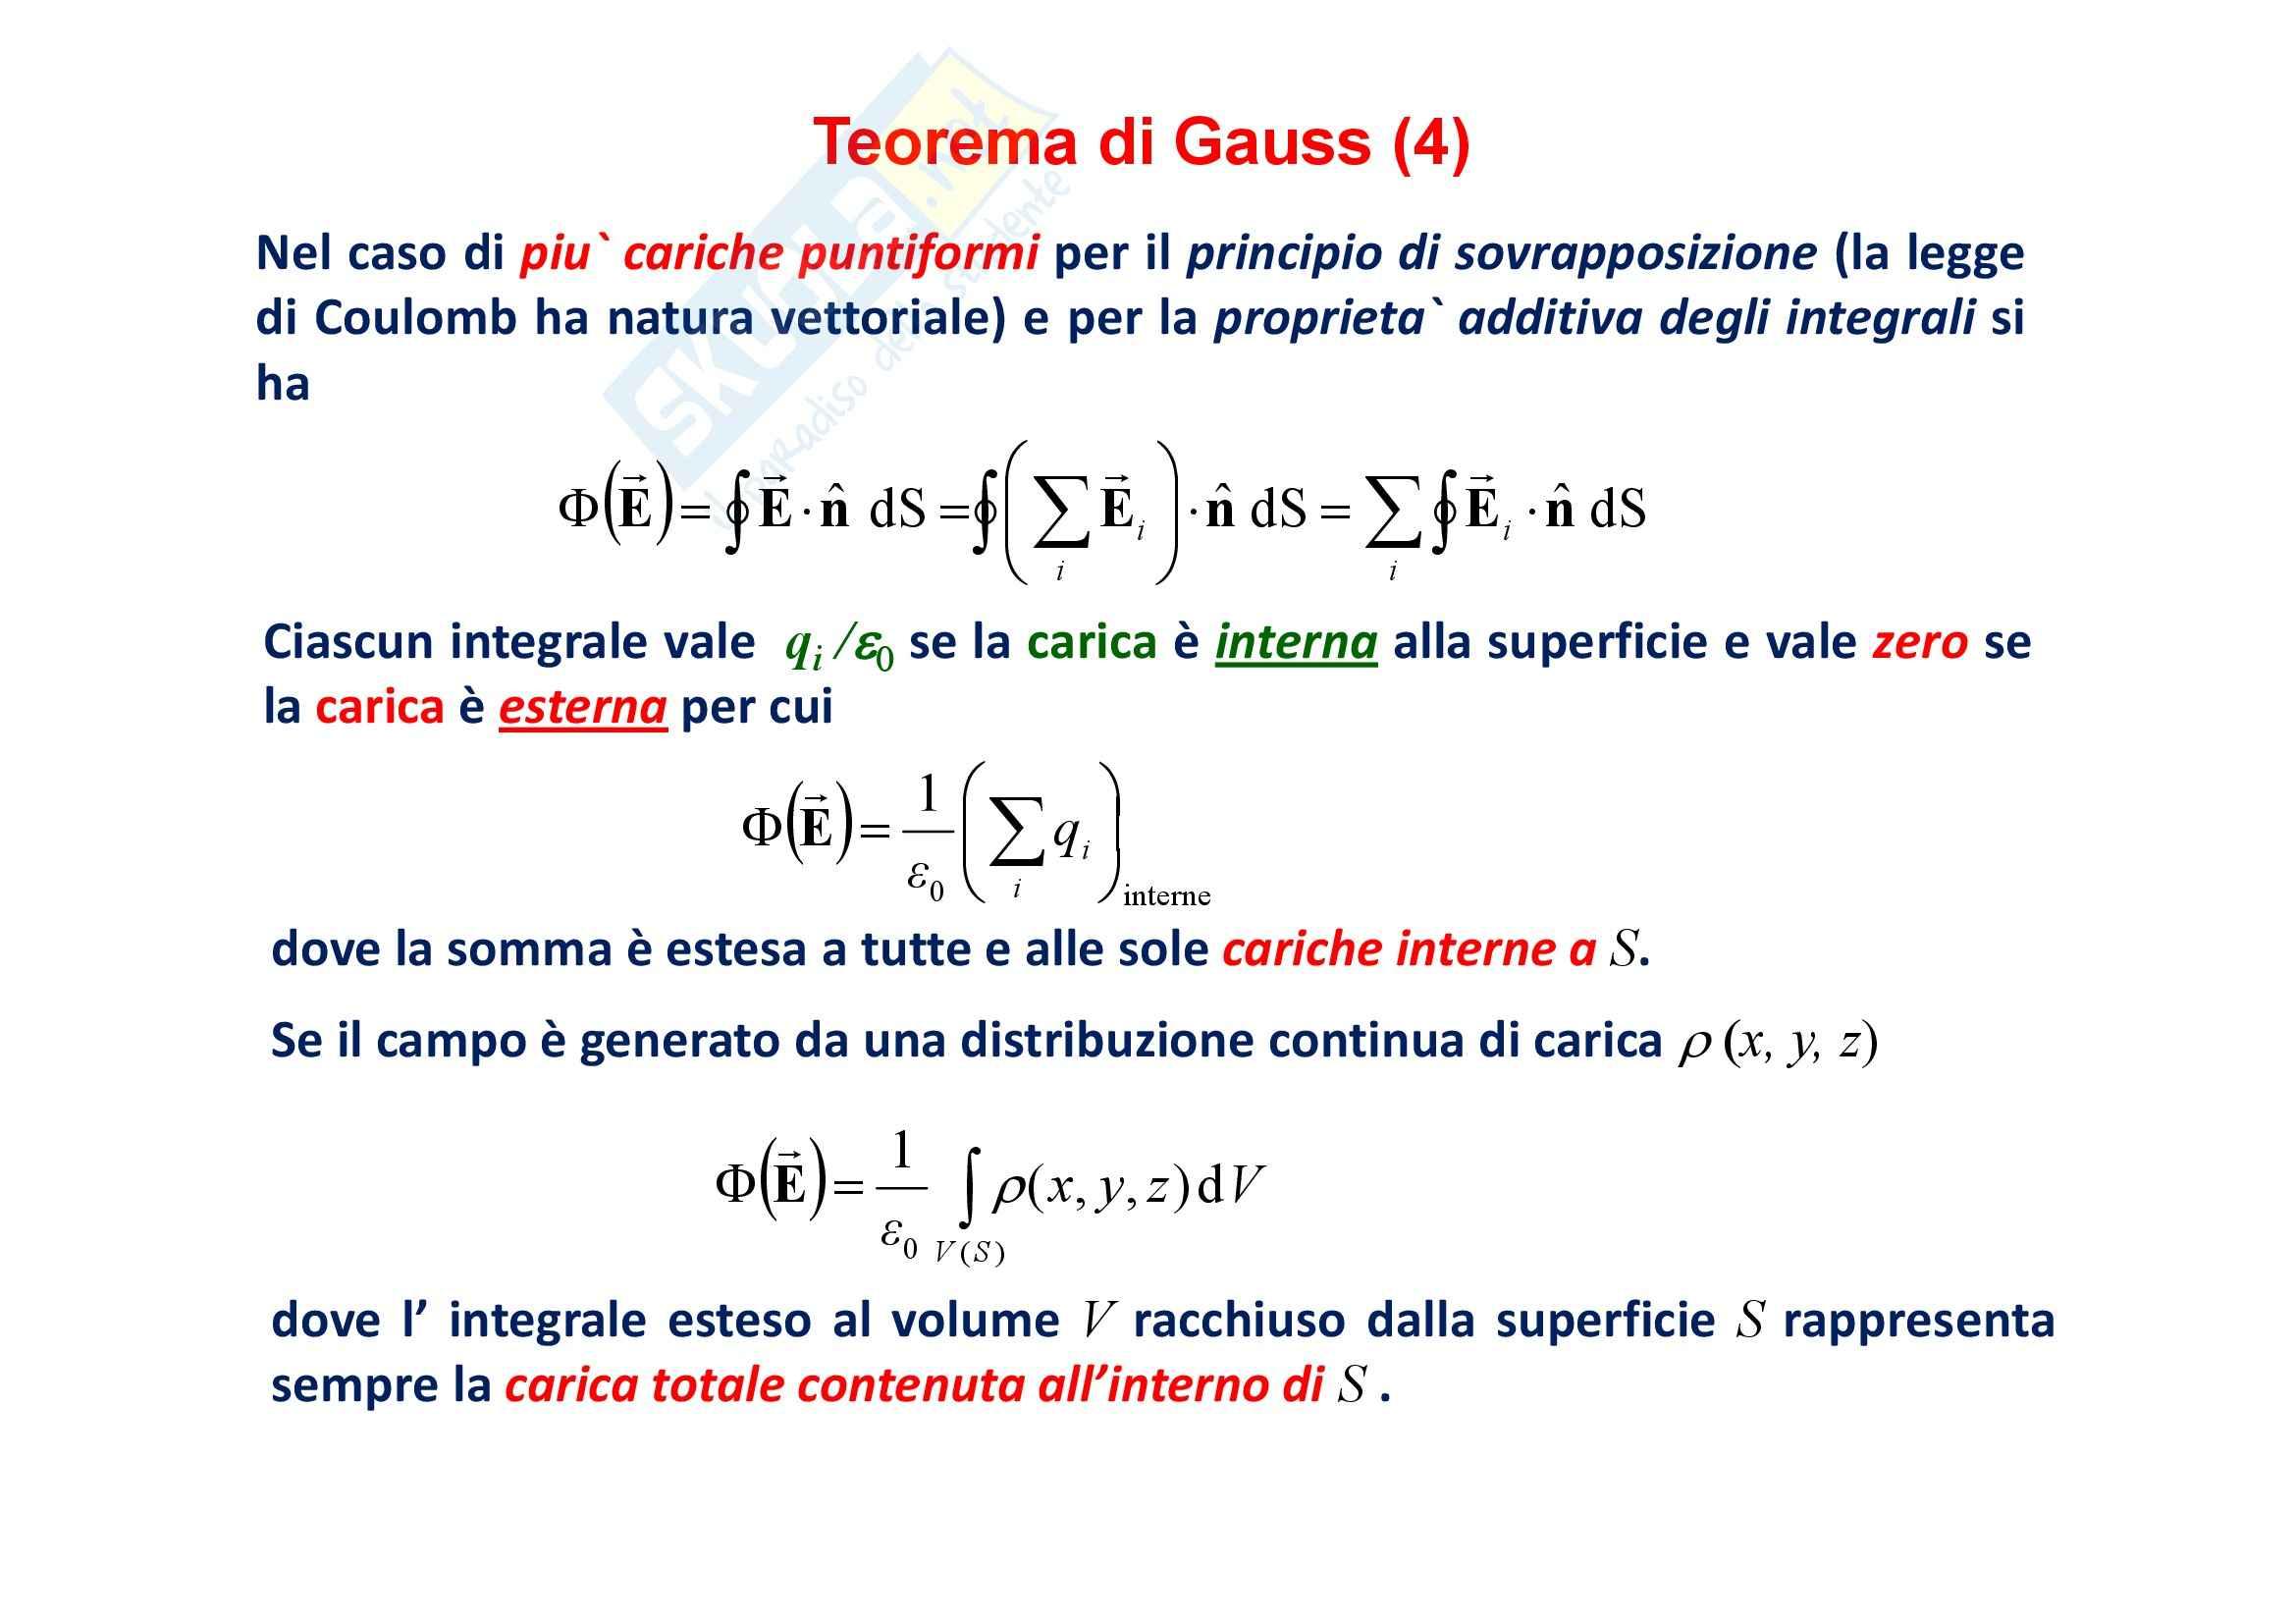 Fisica generale - Teorema di Gauss Pag. 11